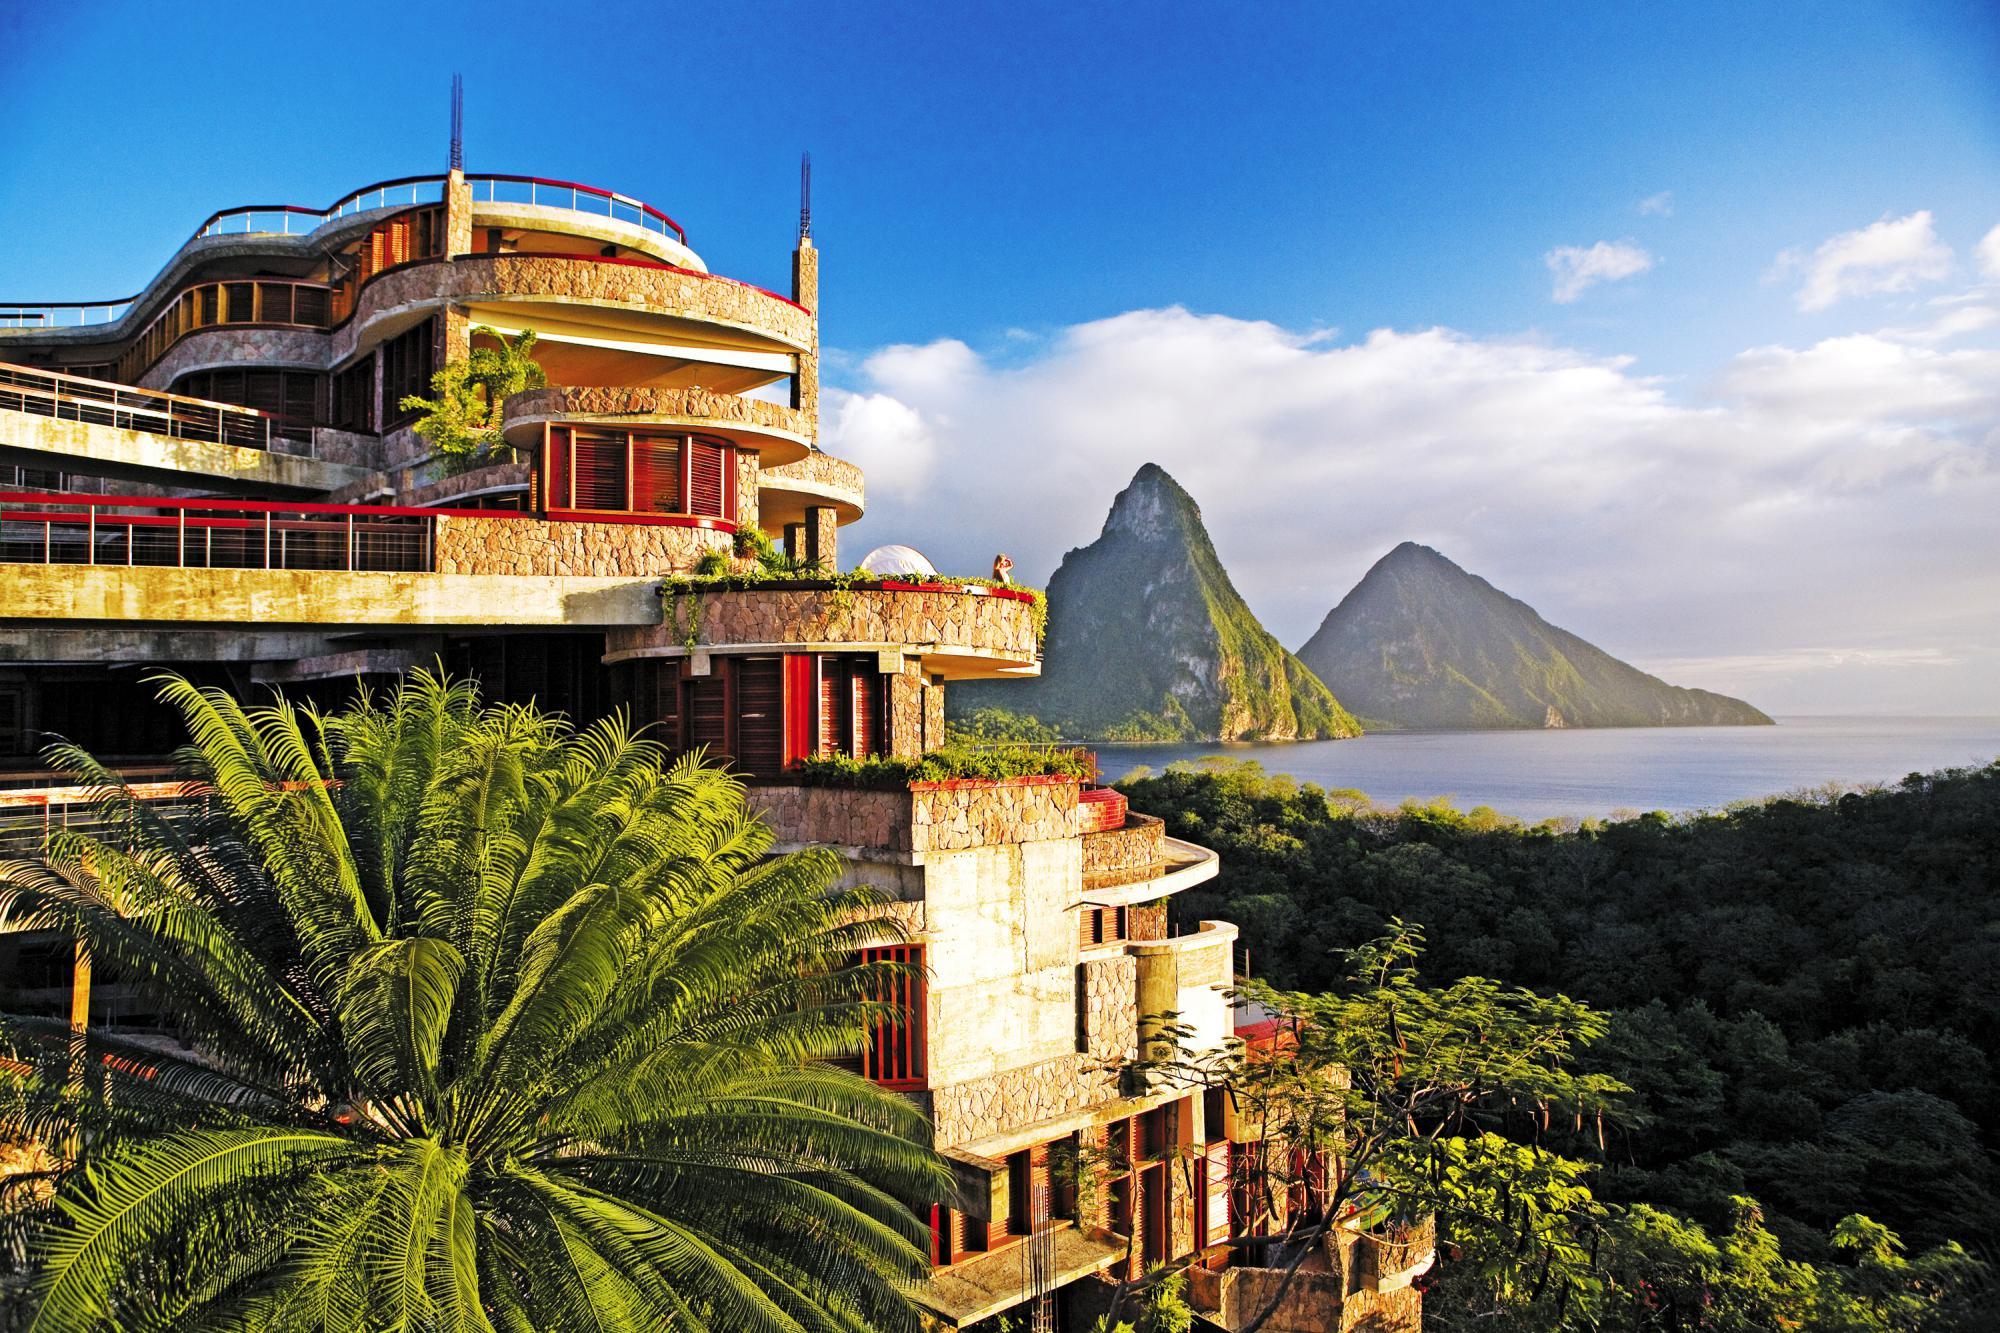 L'hotel immerso nella natura caraibica